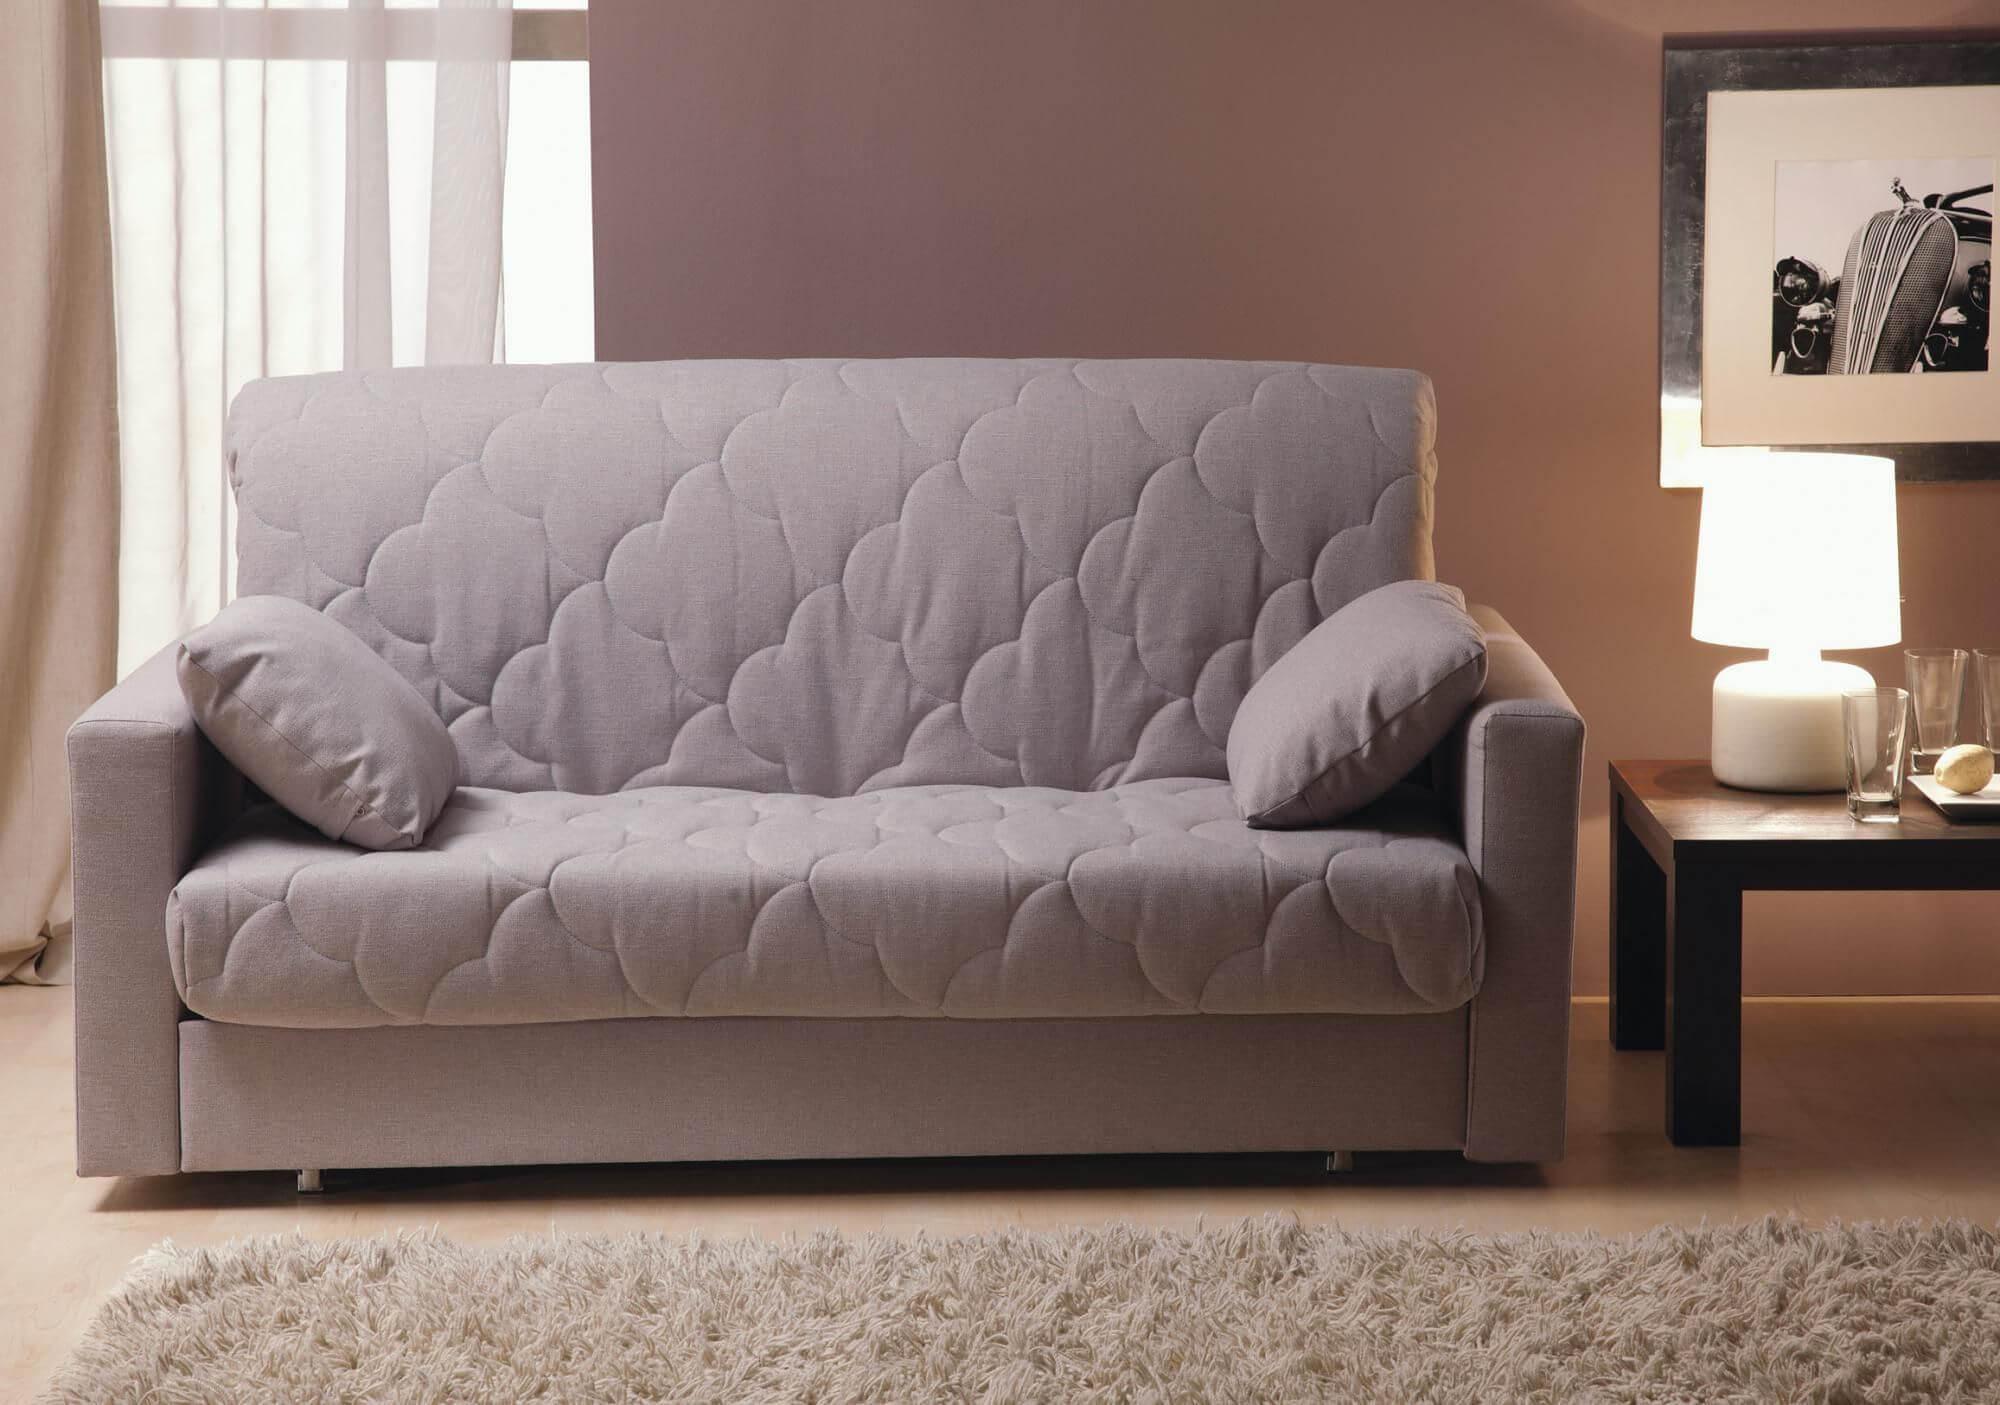 фото ортопедического дивана для ежедневного сна